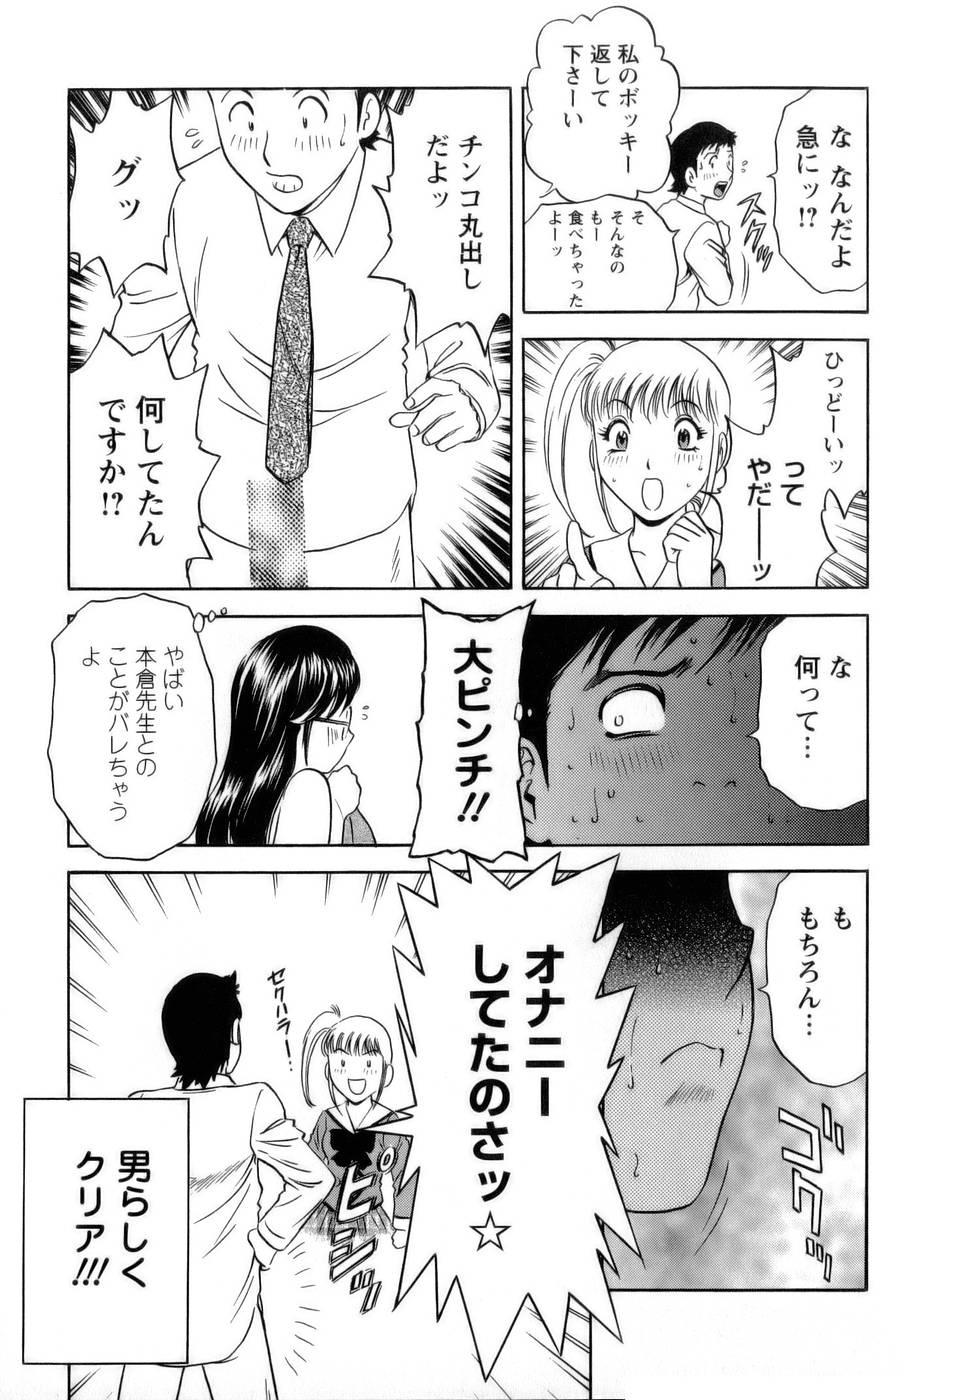 [Hidemaru] Mo-Retsu! Boin Sensei (Boing Boing Teacher) Vol.1 130